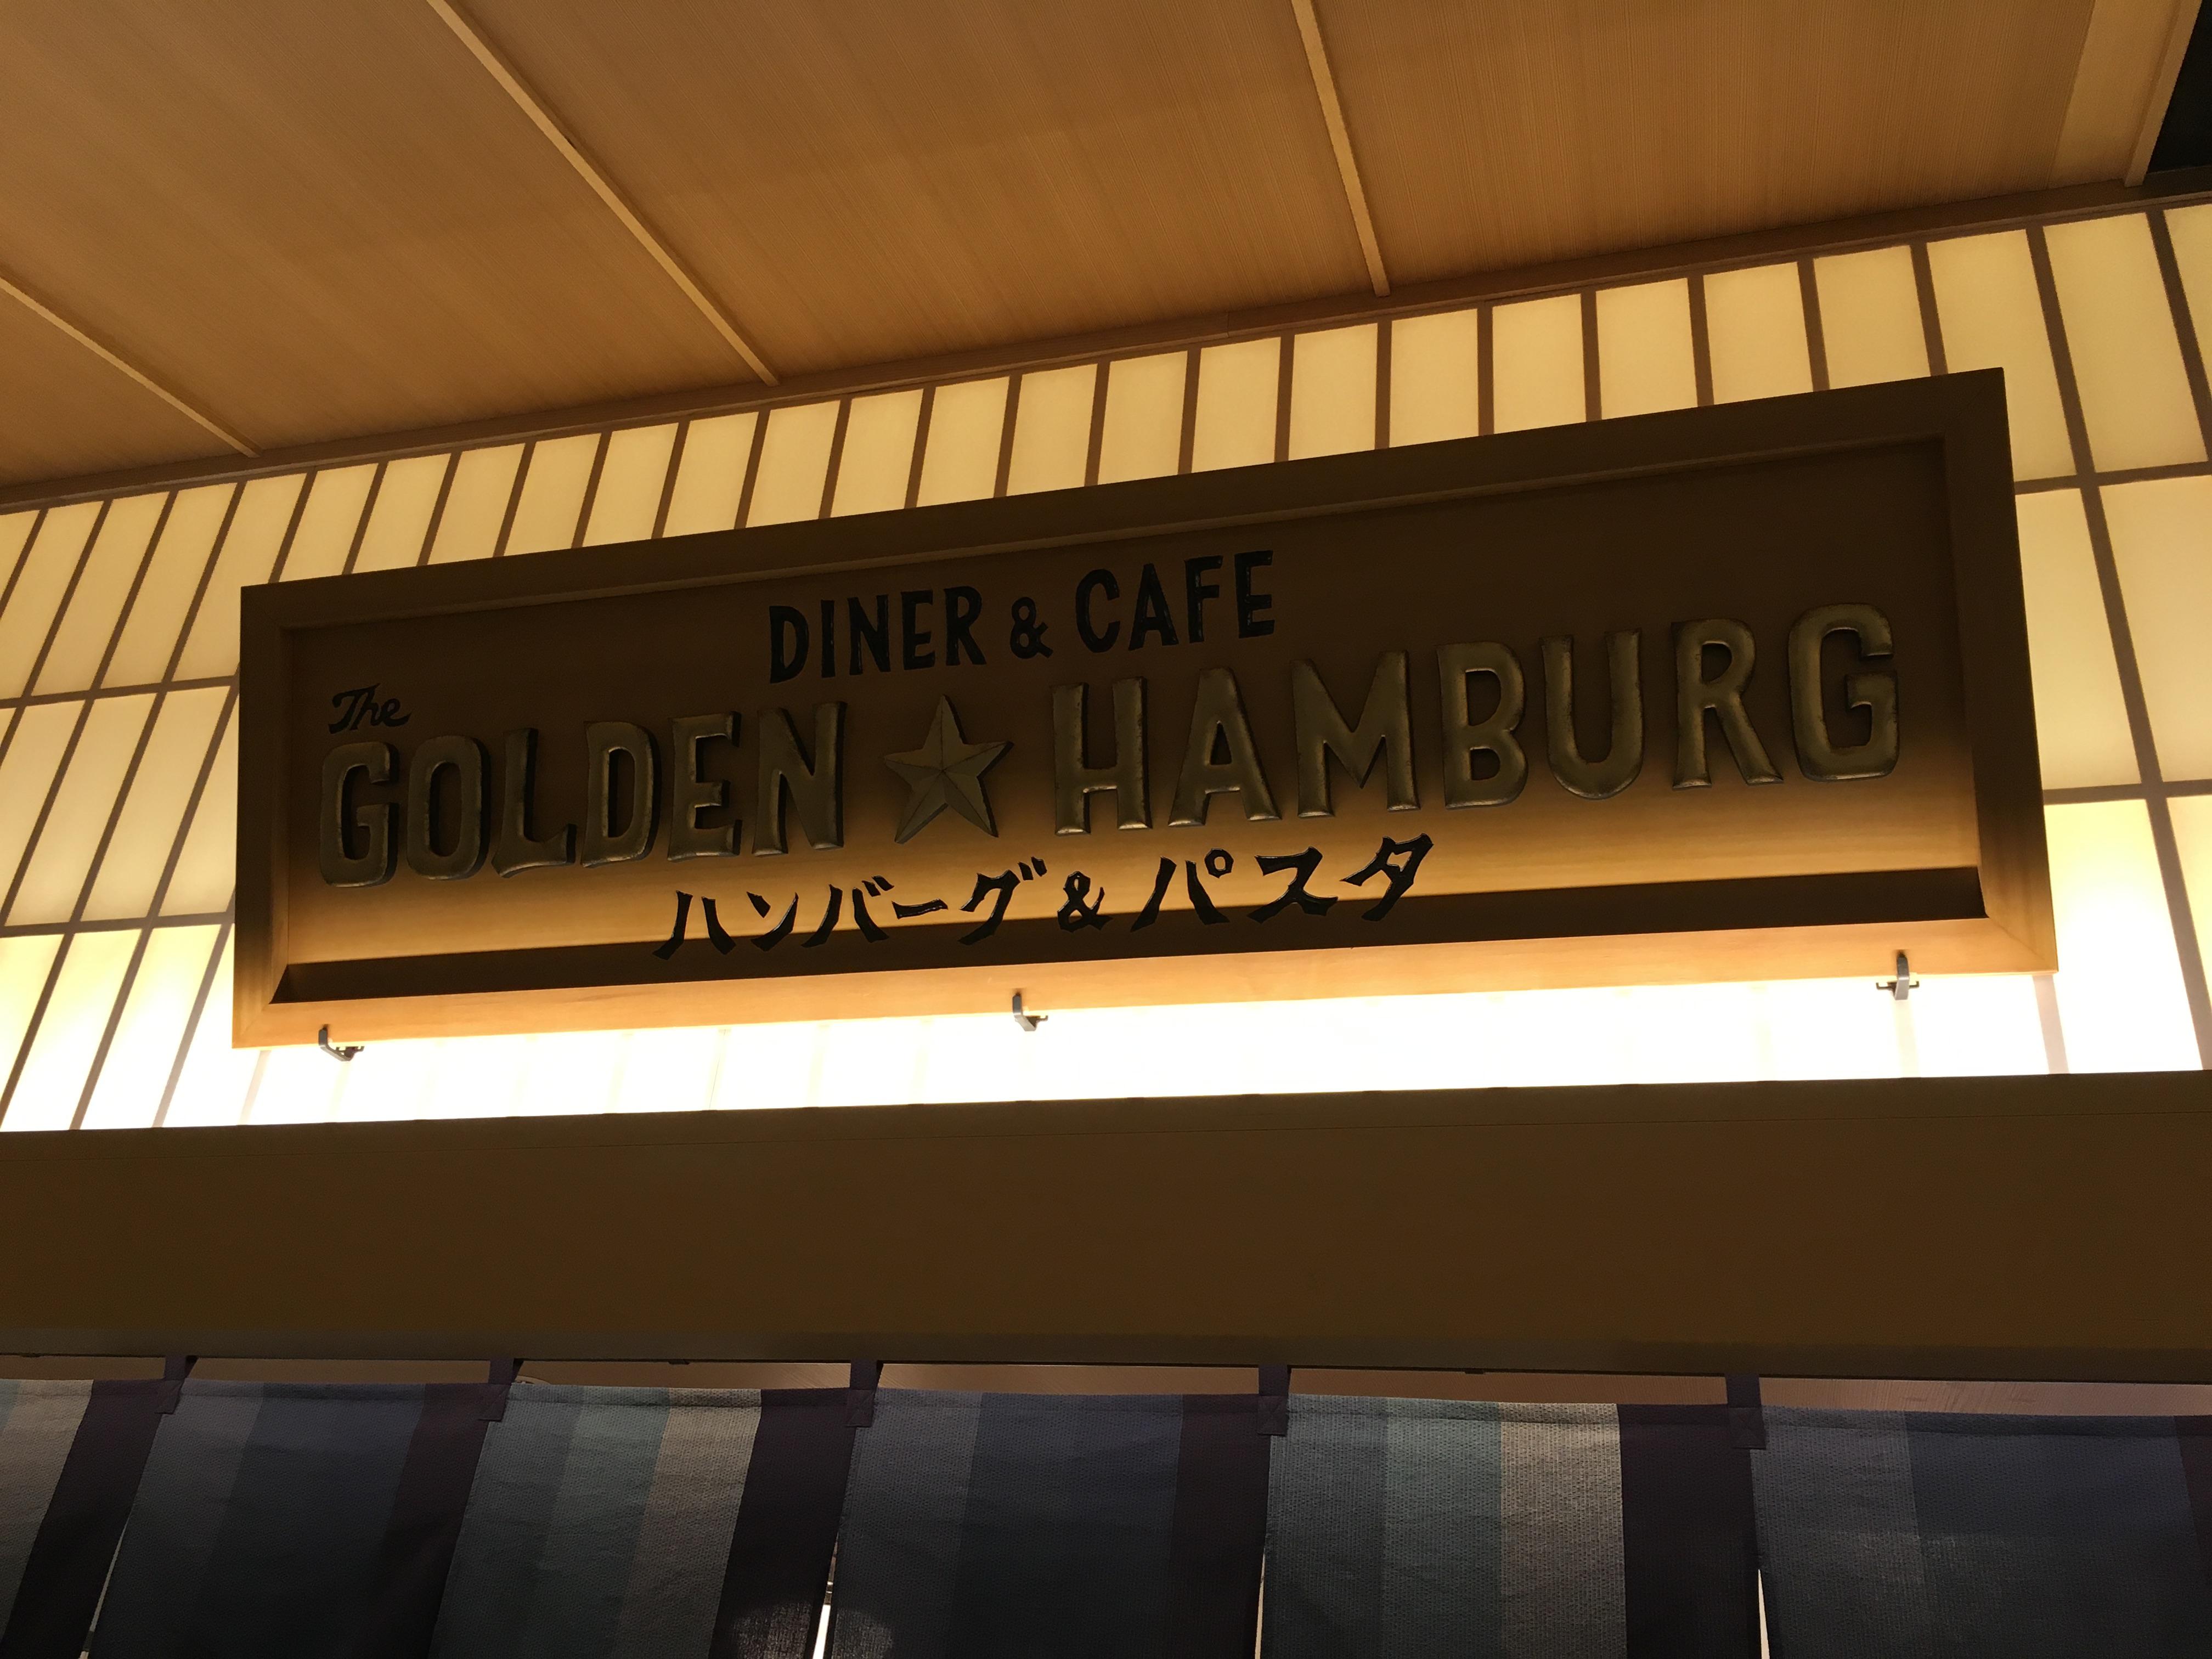 イオンモールでゴールデンなランチを食べたいなら絶対にここっきゃない!